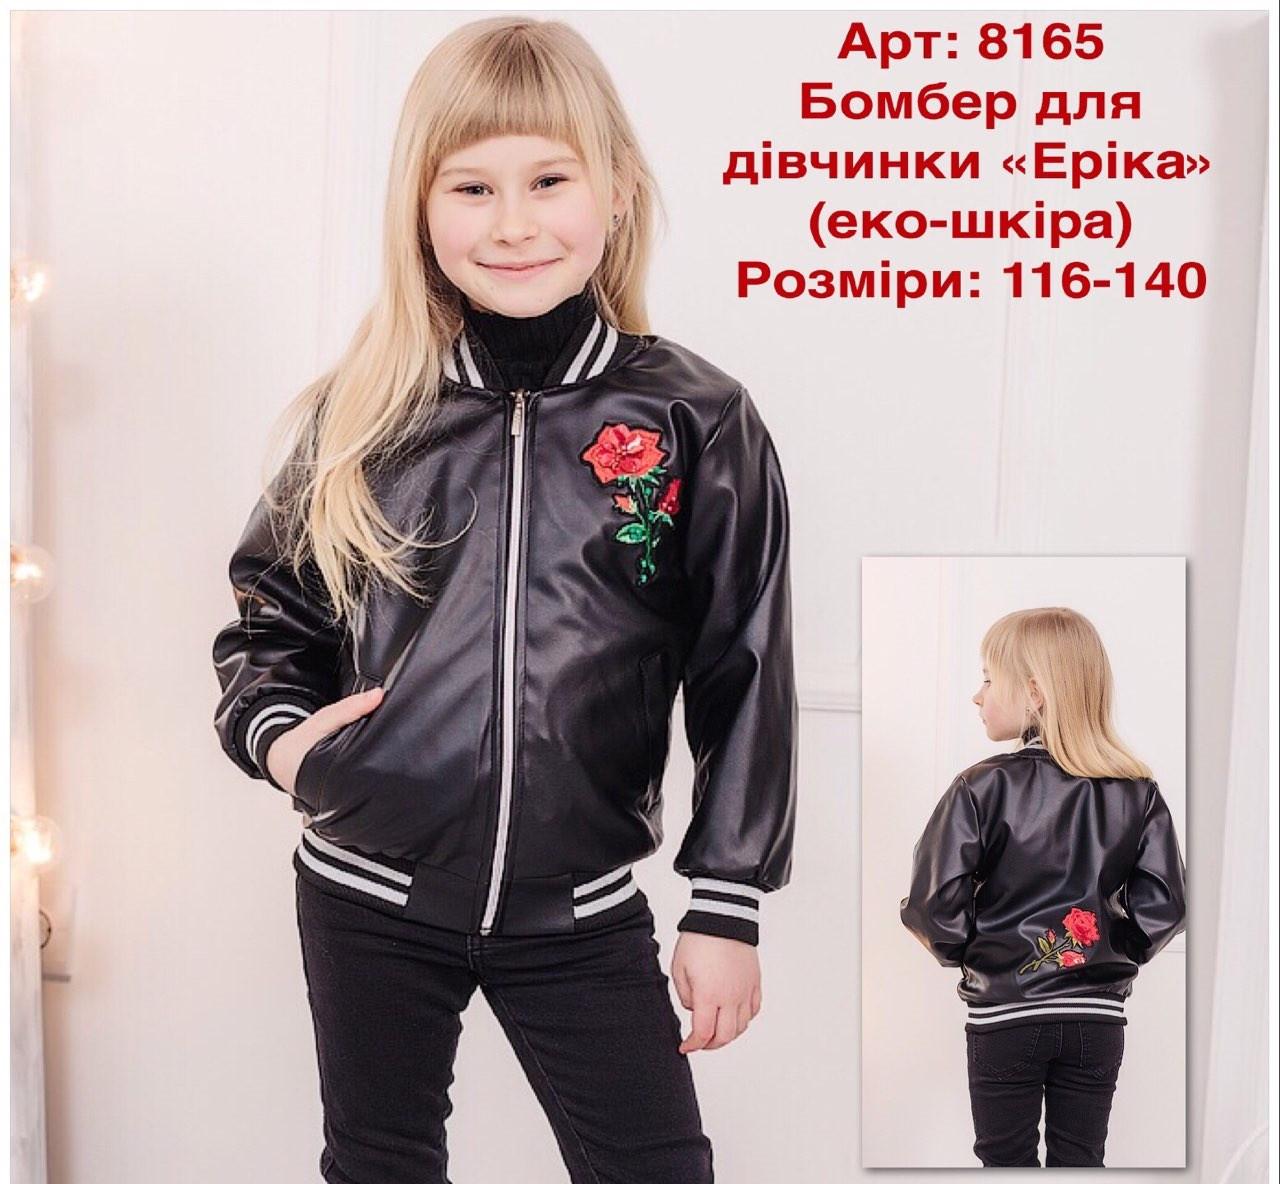 Детская демисезонная куртка для девочки Эрика, размеры 116-140